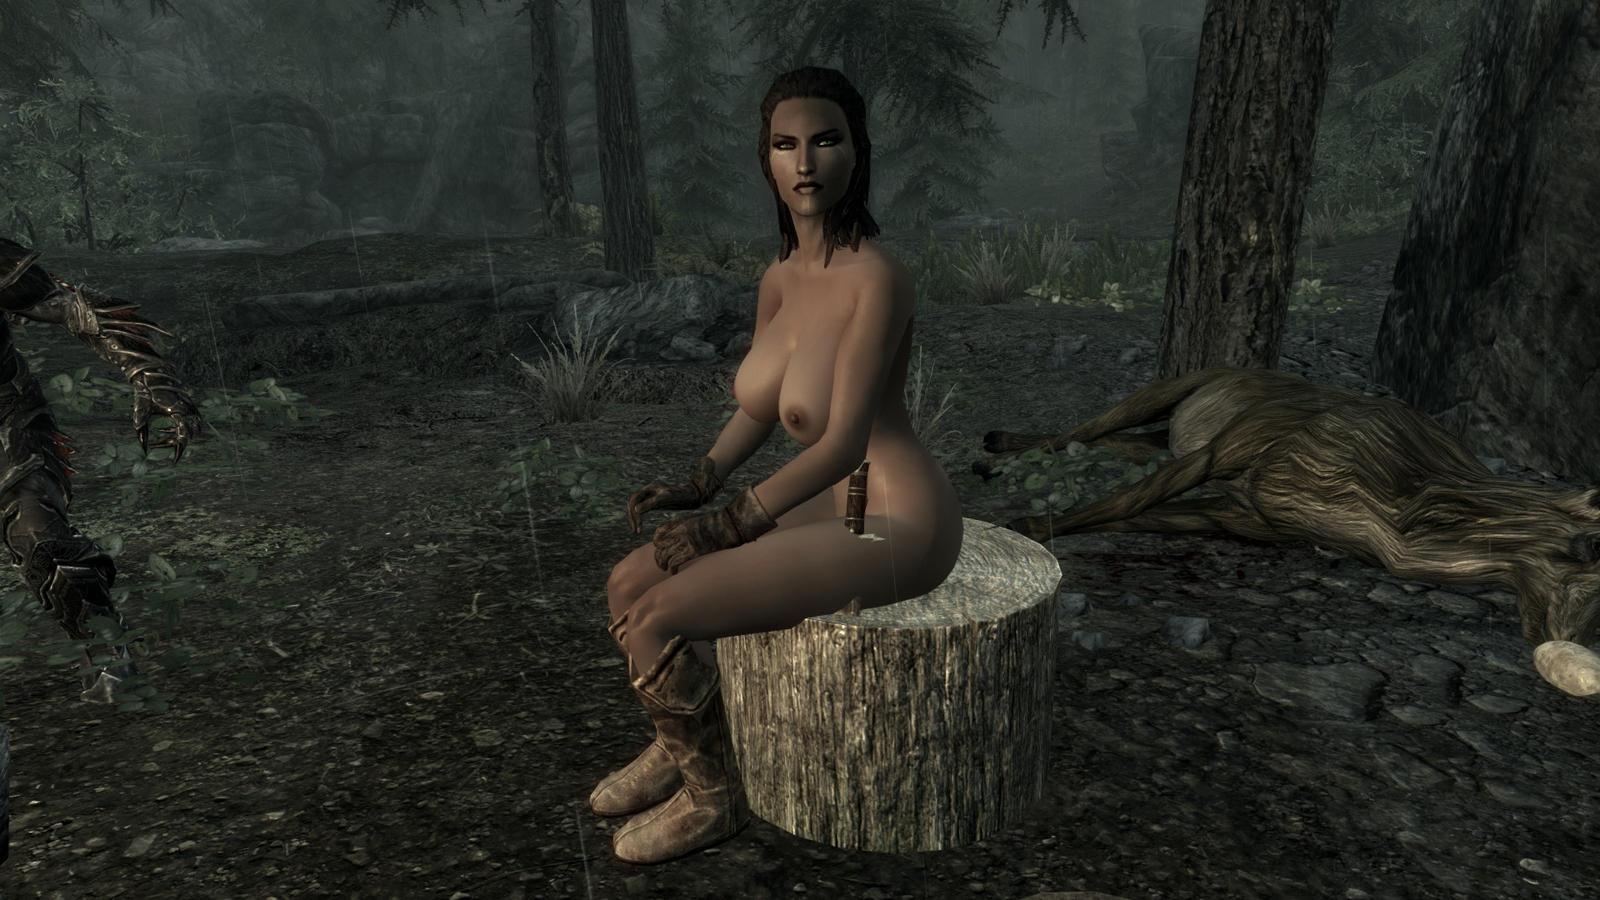 Artistic Mature Nudes 46